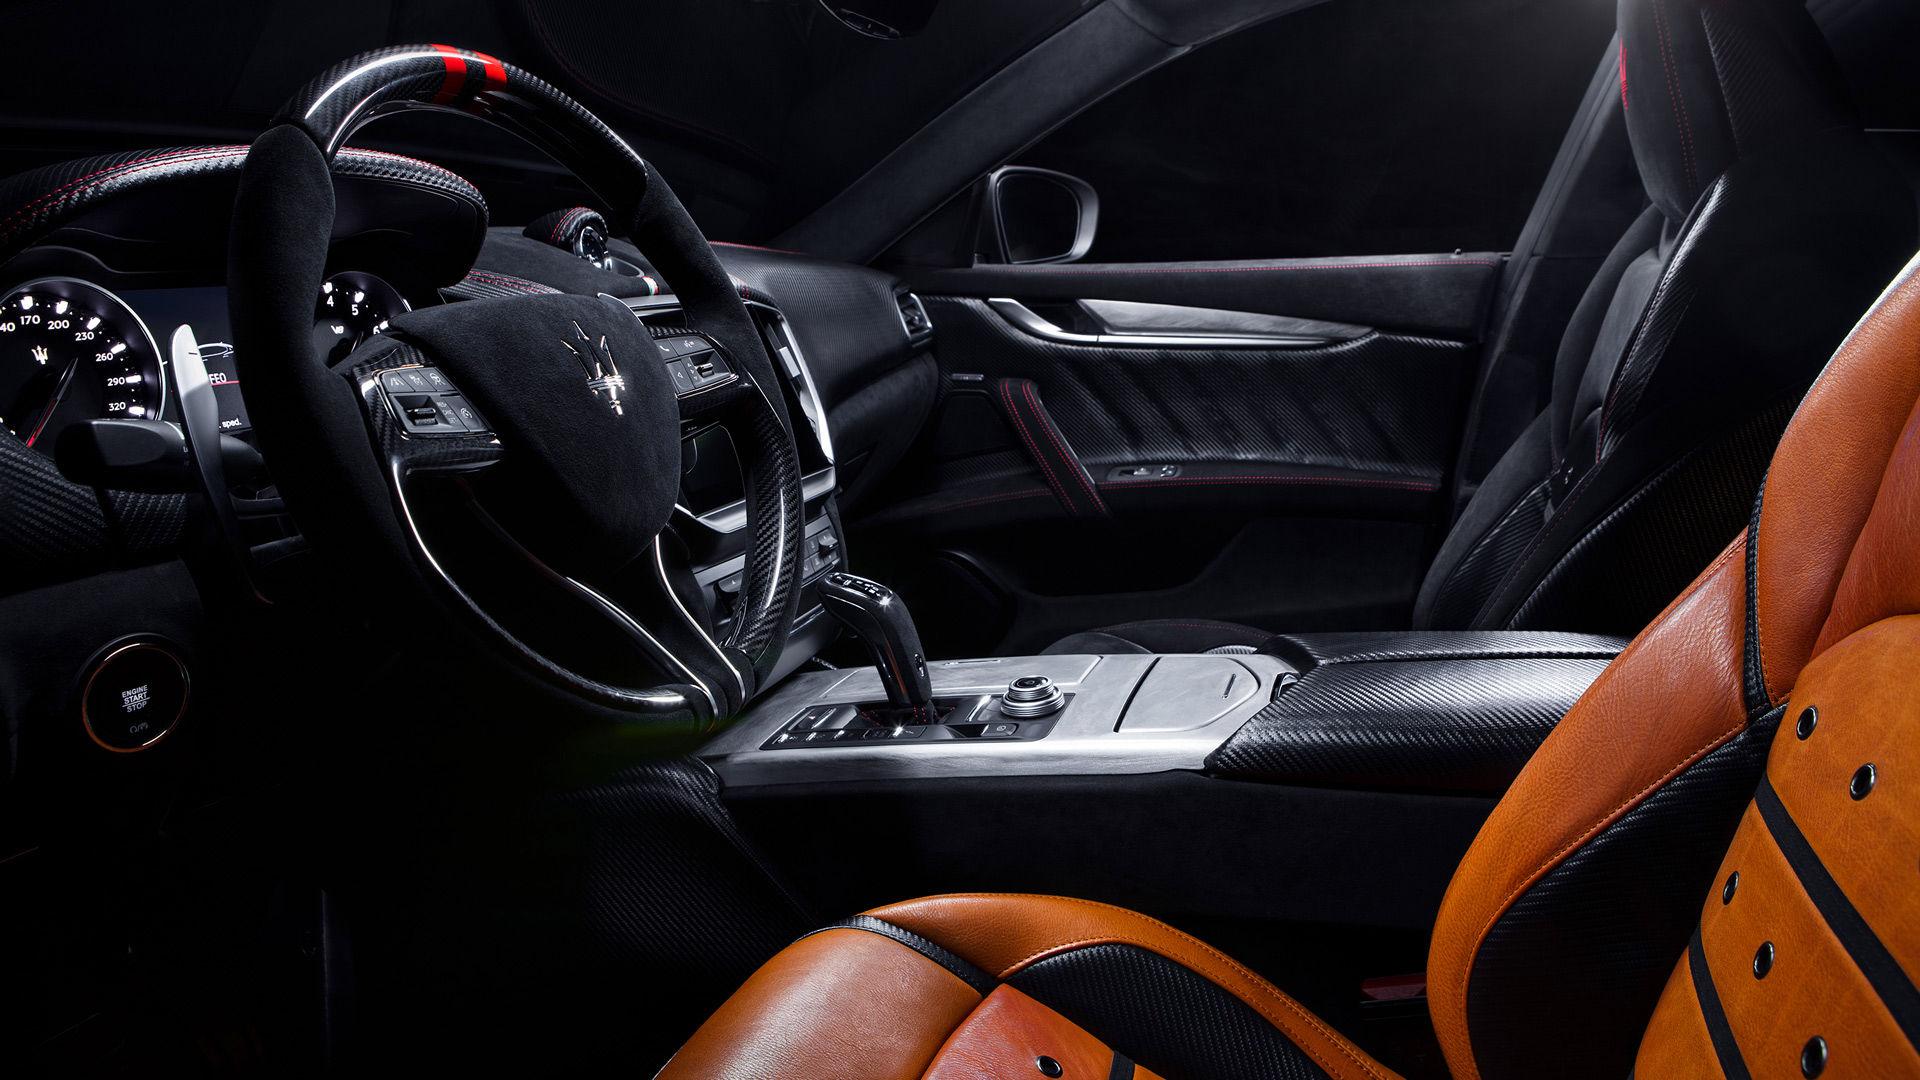 Maserati Fuoriserie Corse Levante: Interieur und Cockpit